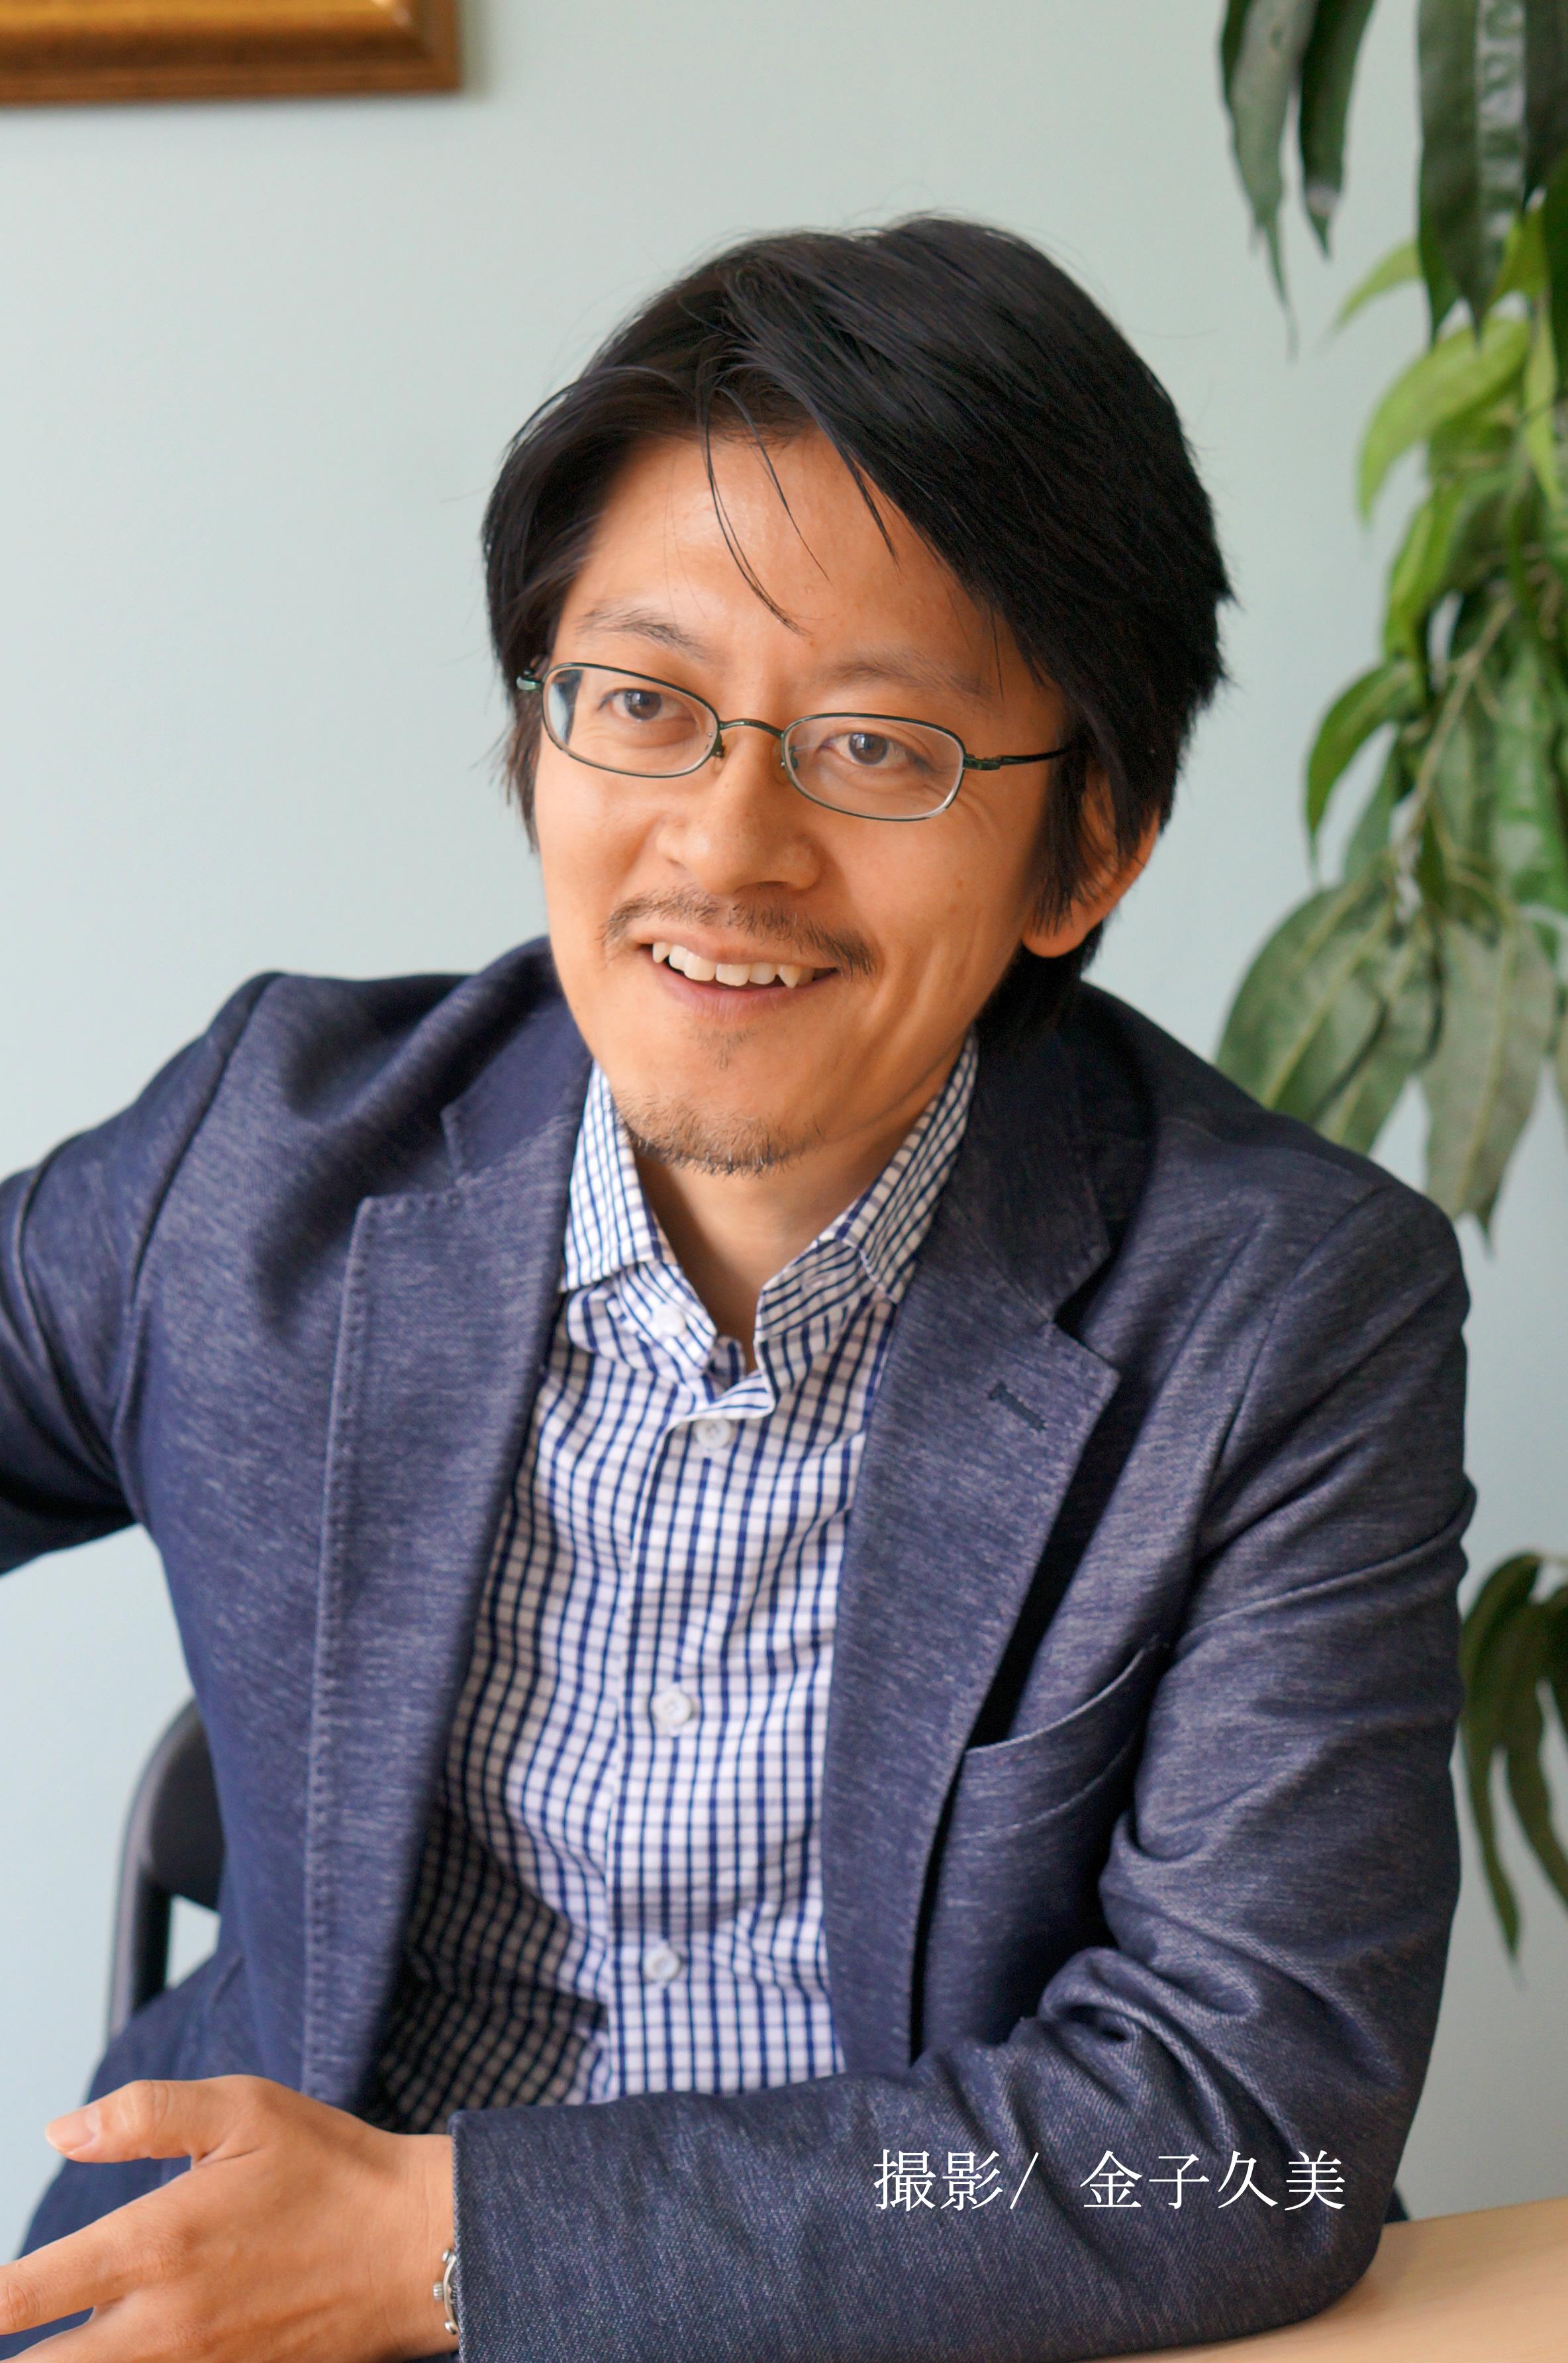 かたづけ士・小松易氏